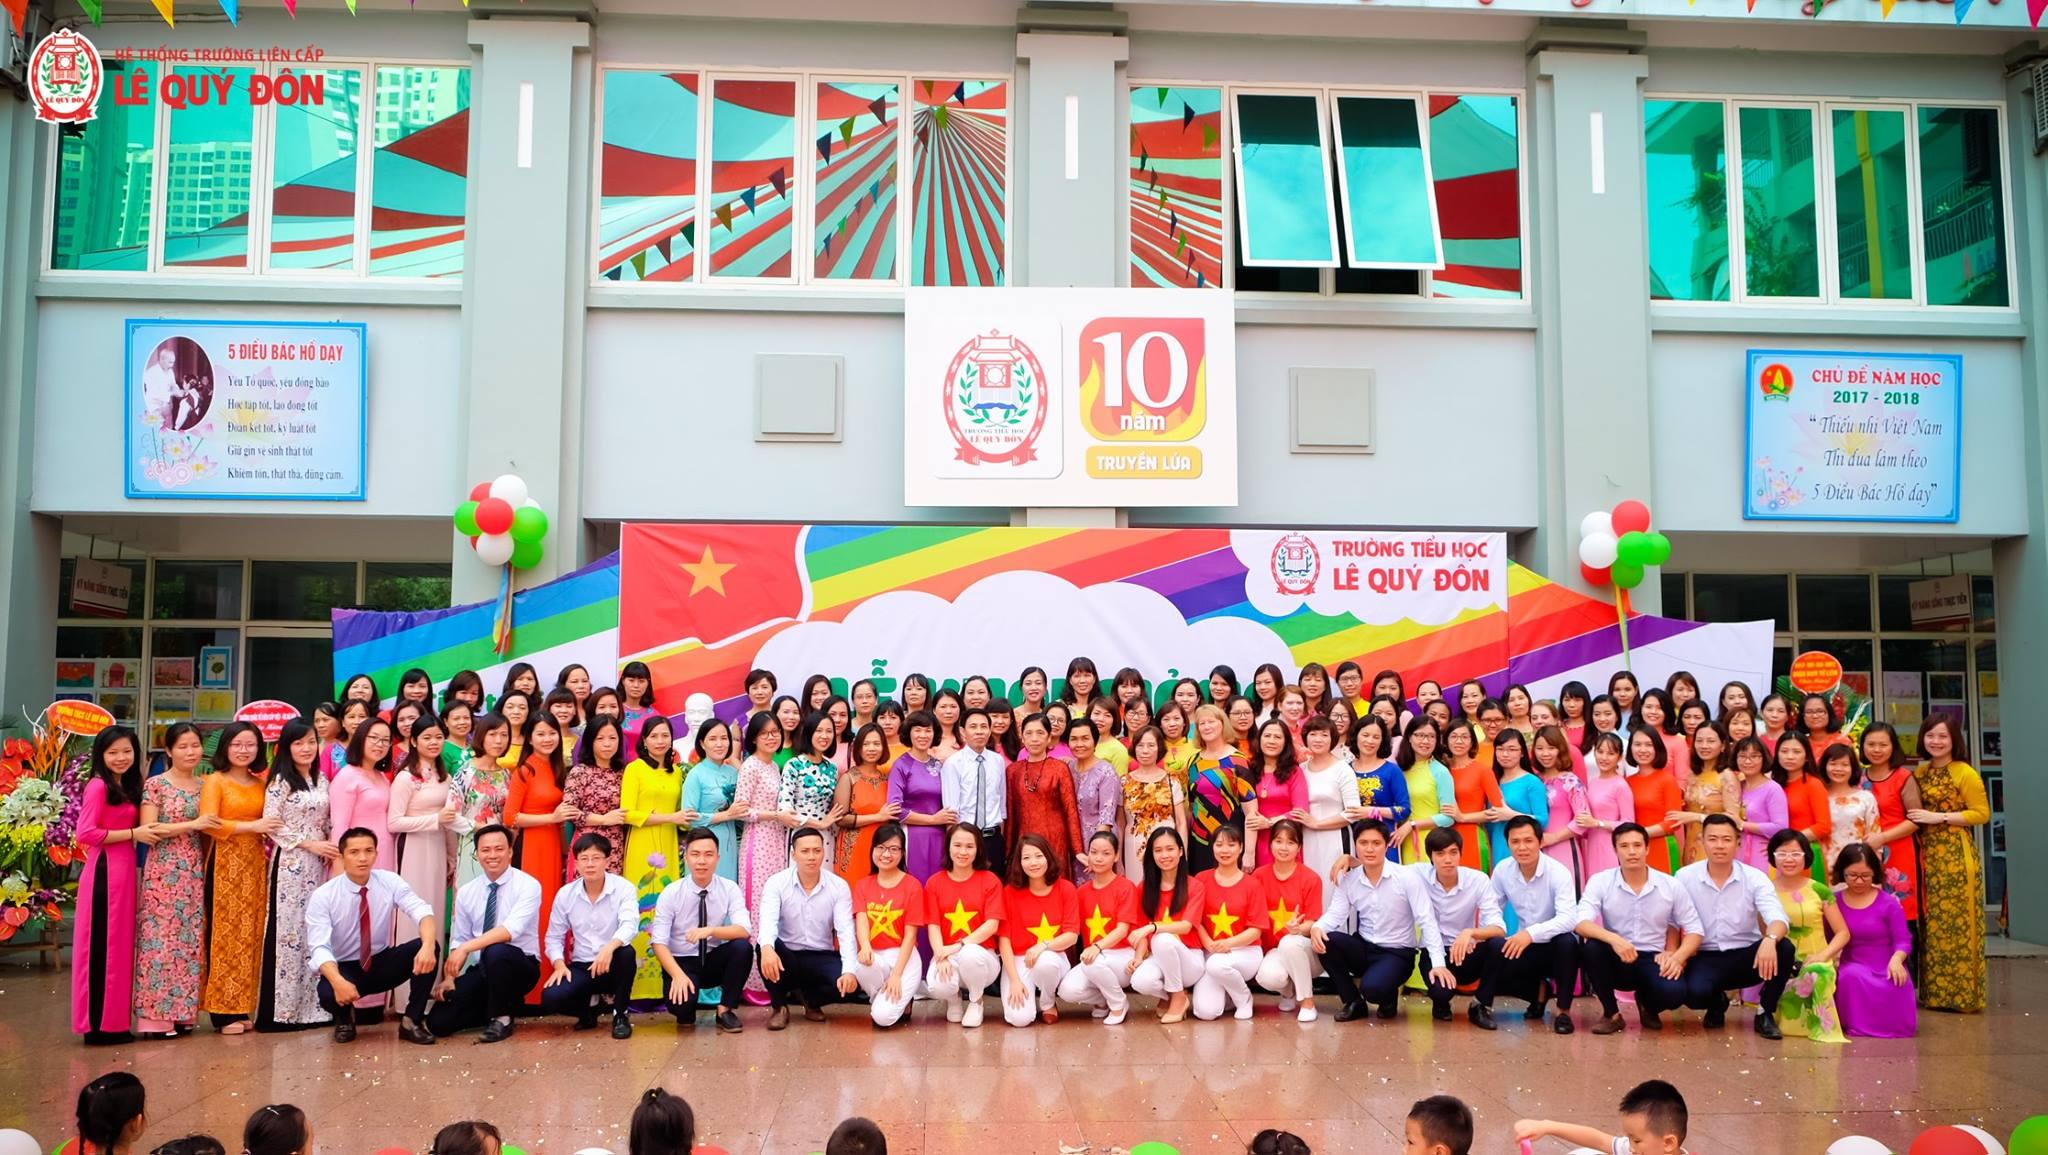 Trường THCS Lê Quý Đôn lựa chọn hàng đầu của các phụ huynh